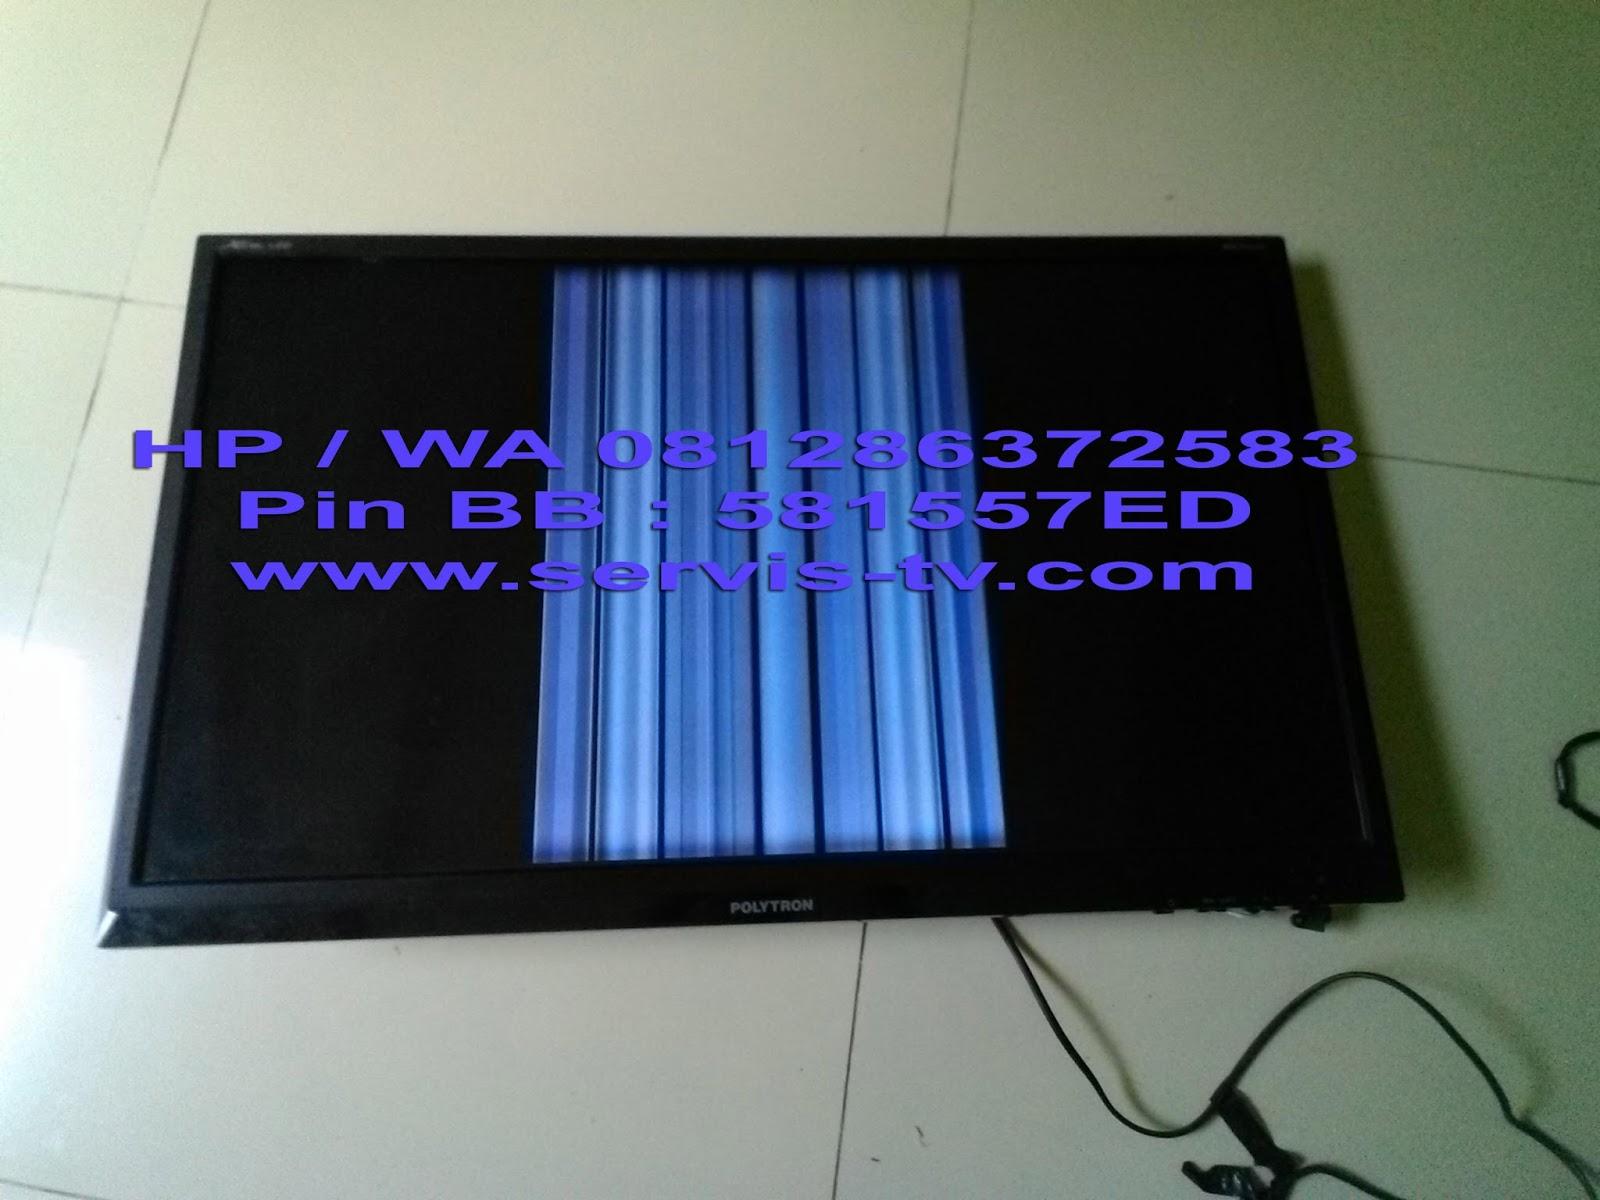 Perbaikan Polytron PLD 32T700 TV LED